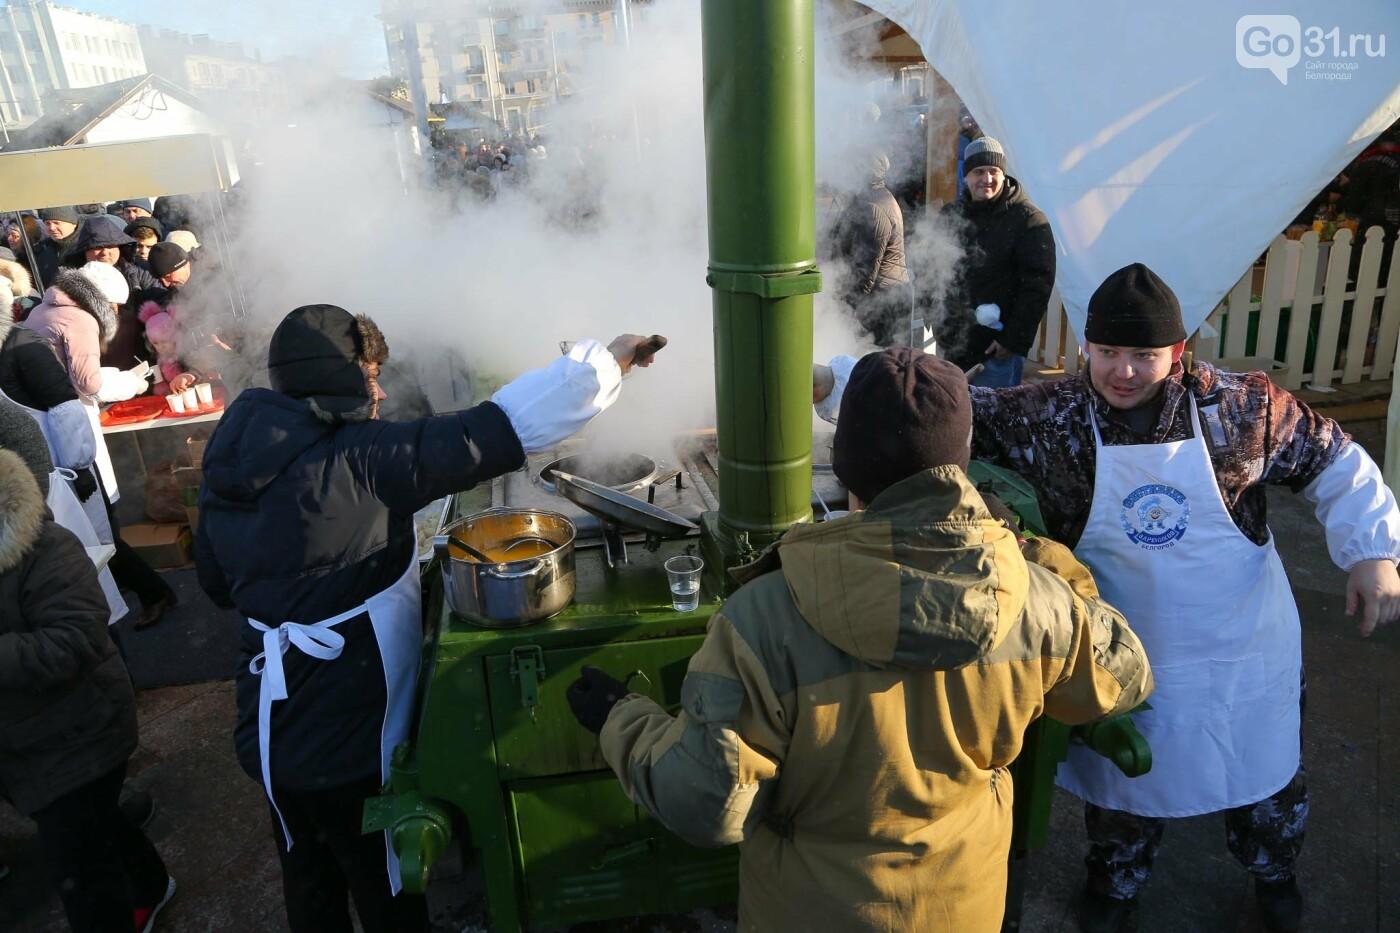 Дегустация, гастрономический парад, спецтроллейбус. В Белгороде прошёл фестиваль вареников, фото-28